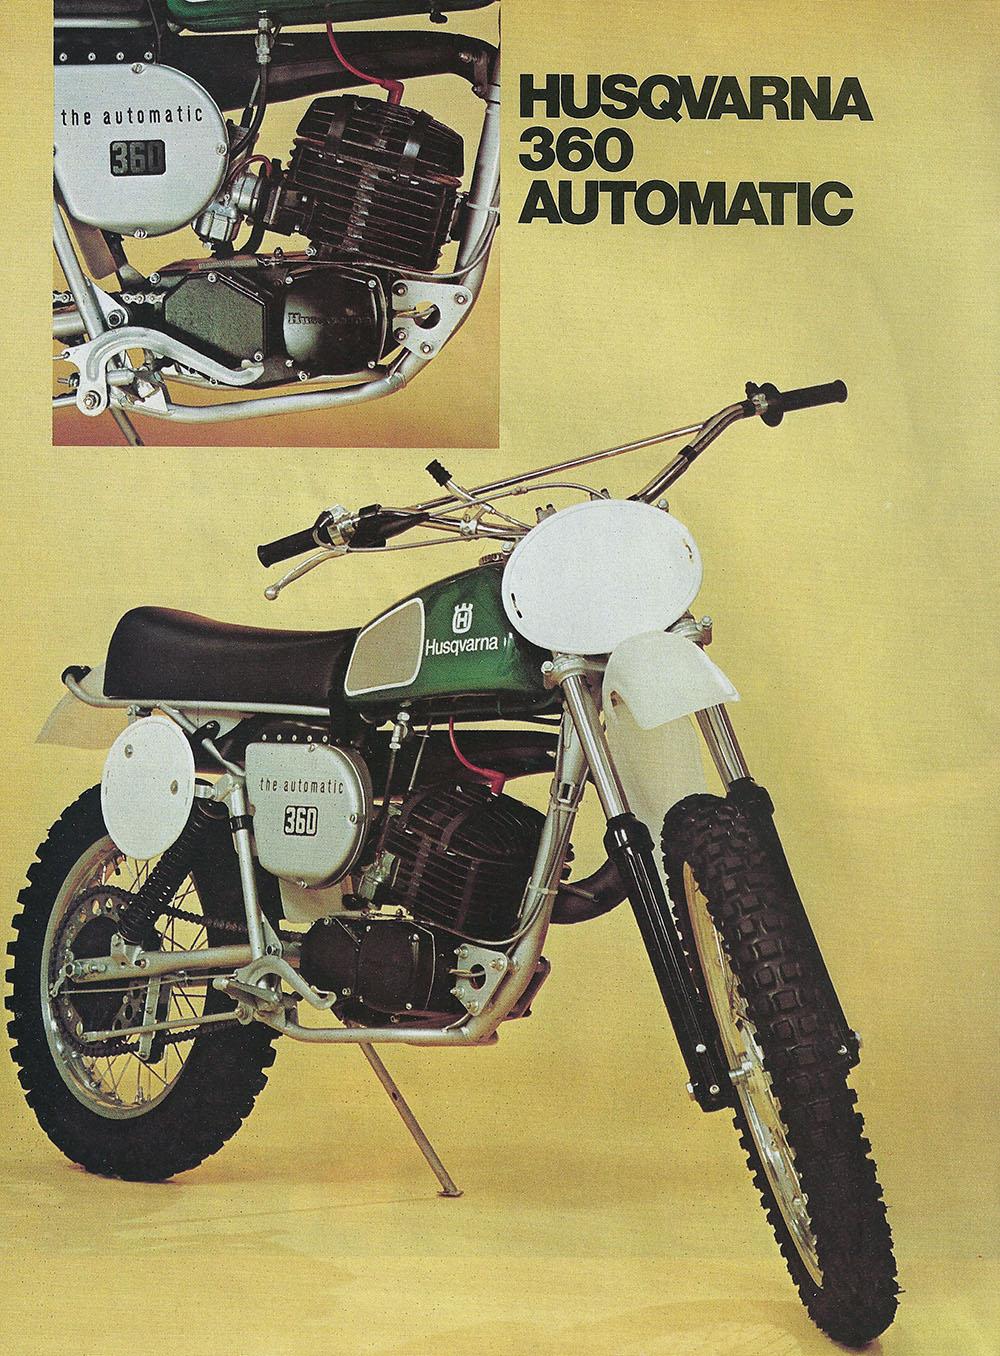 1976 Husqvarna 360 Auto road test 01.jpg